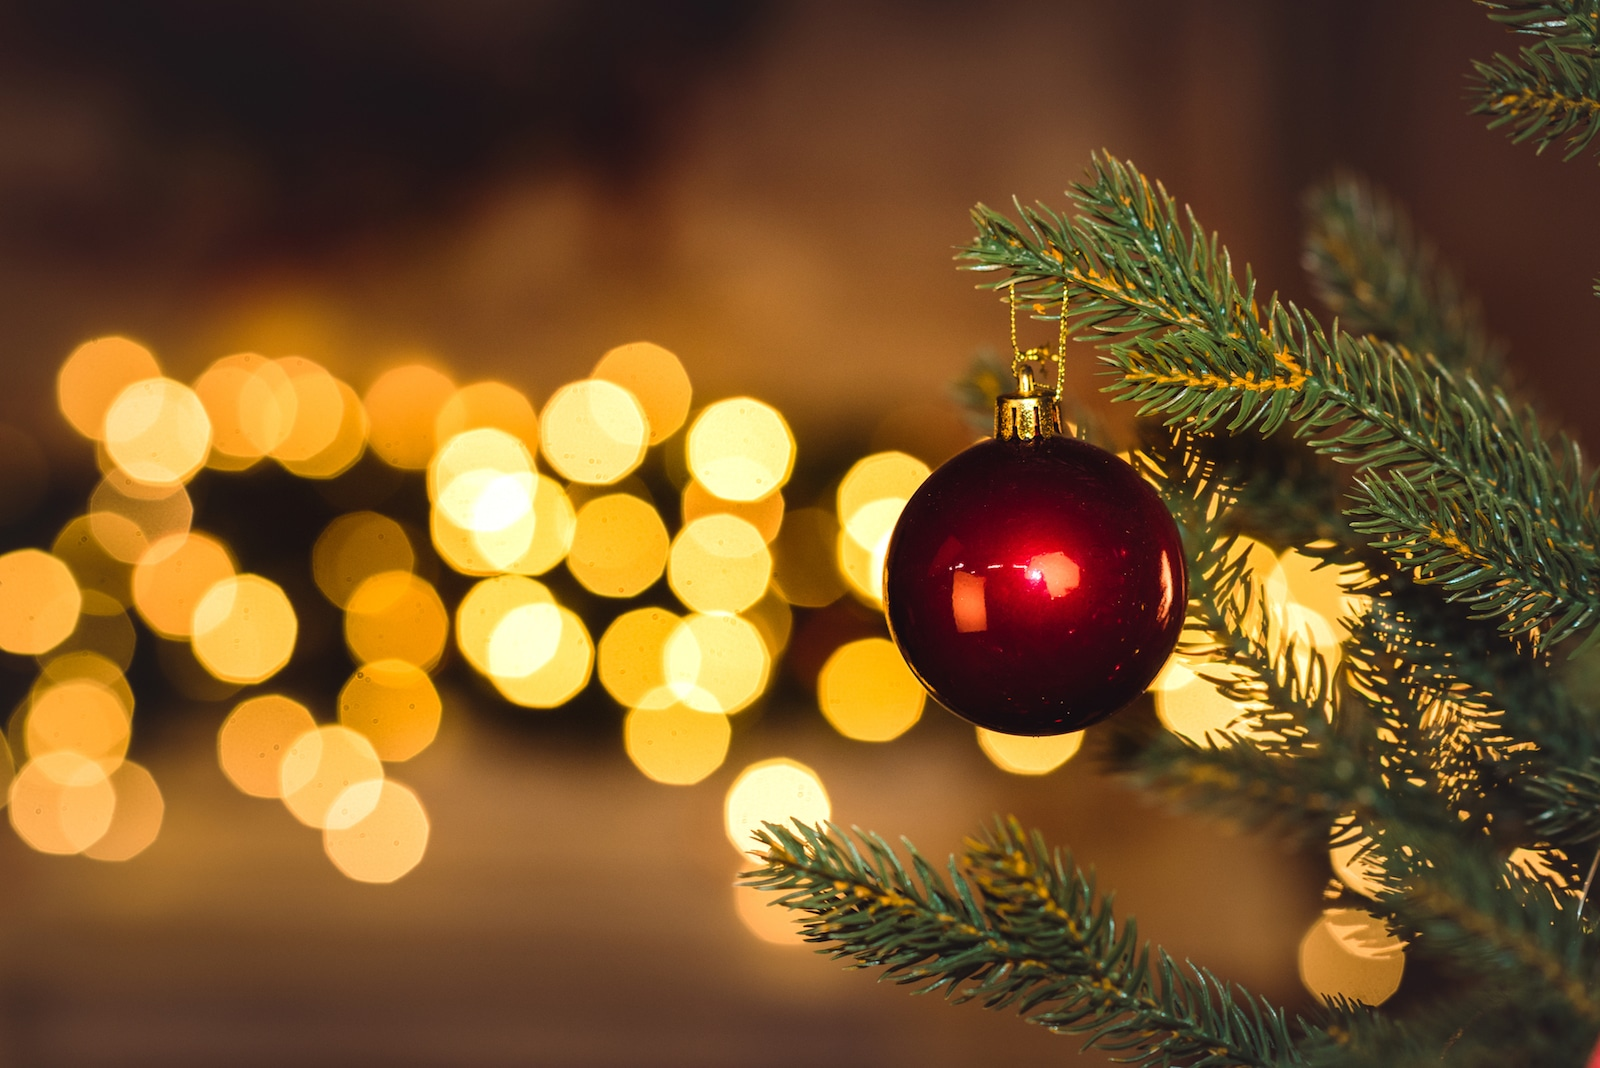 Weihnachten kommt schneller als man denkt